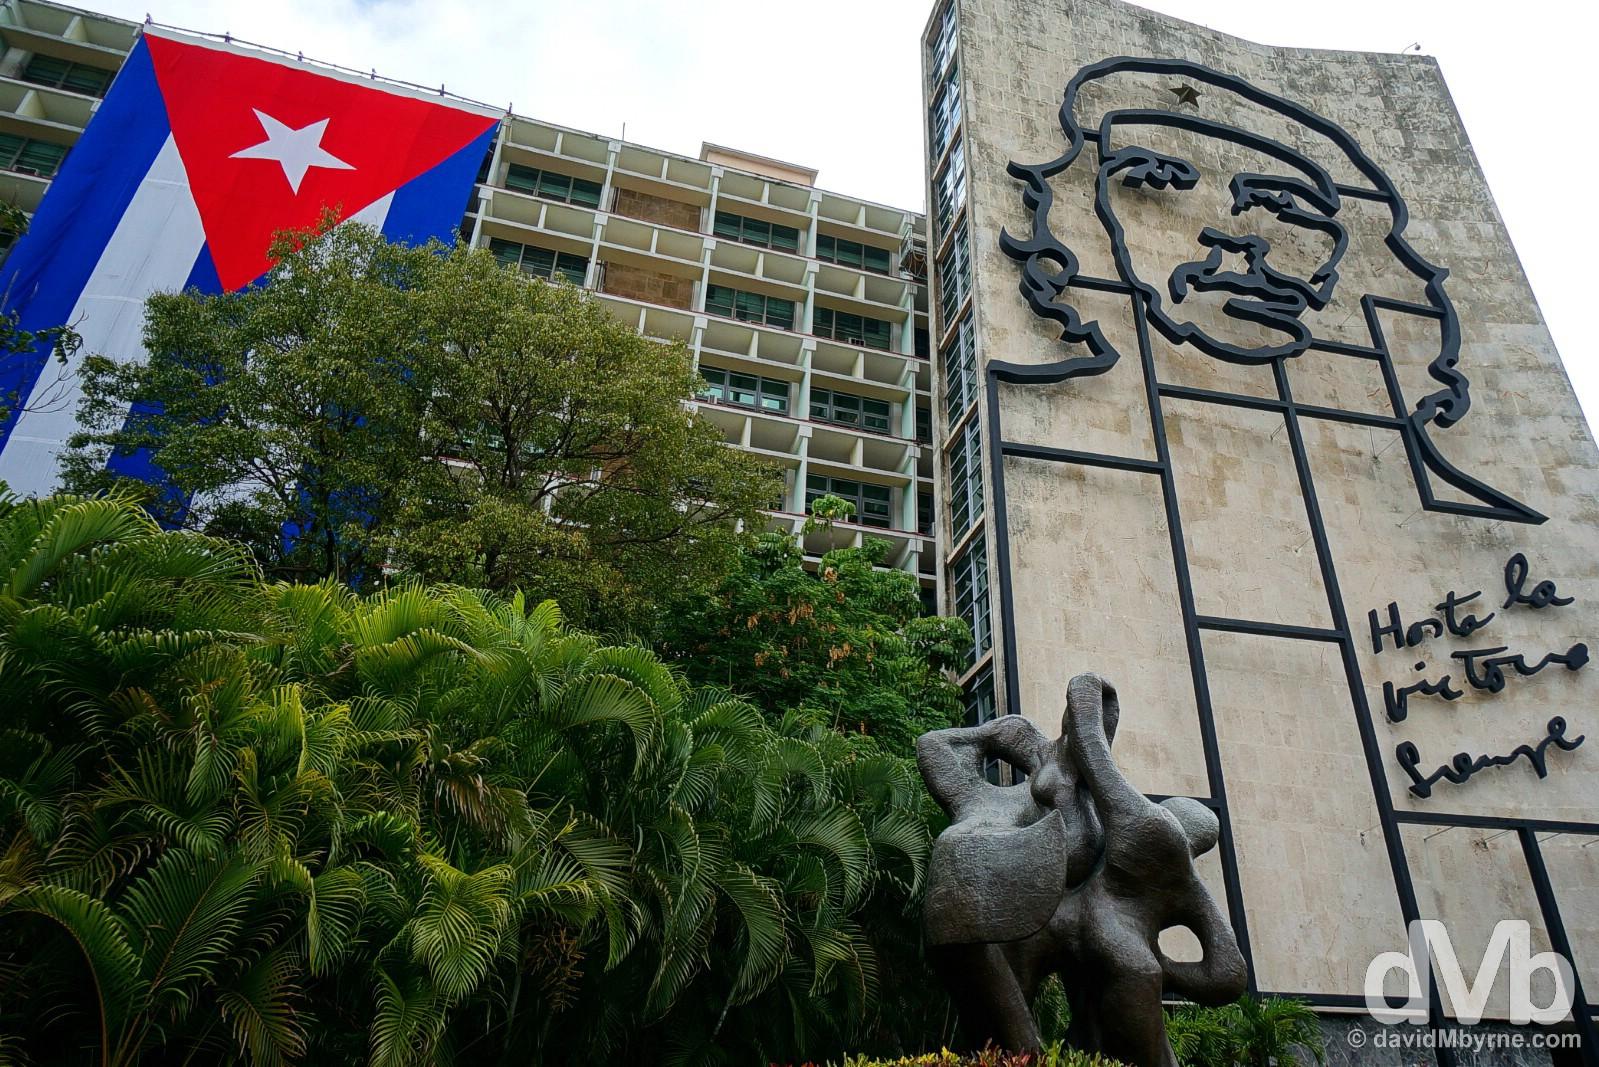 The iconic Che Guevara mural on the Ministerio del Interior building off Plaza de la Revolucion/Revolution Square in Vedado, Havana, Cuba. May 1, 2015.